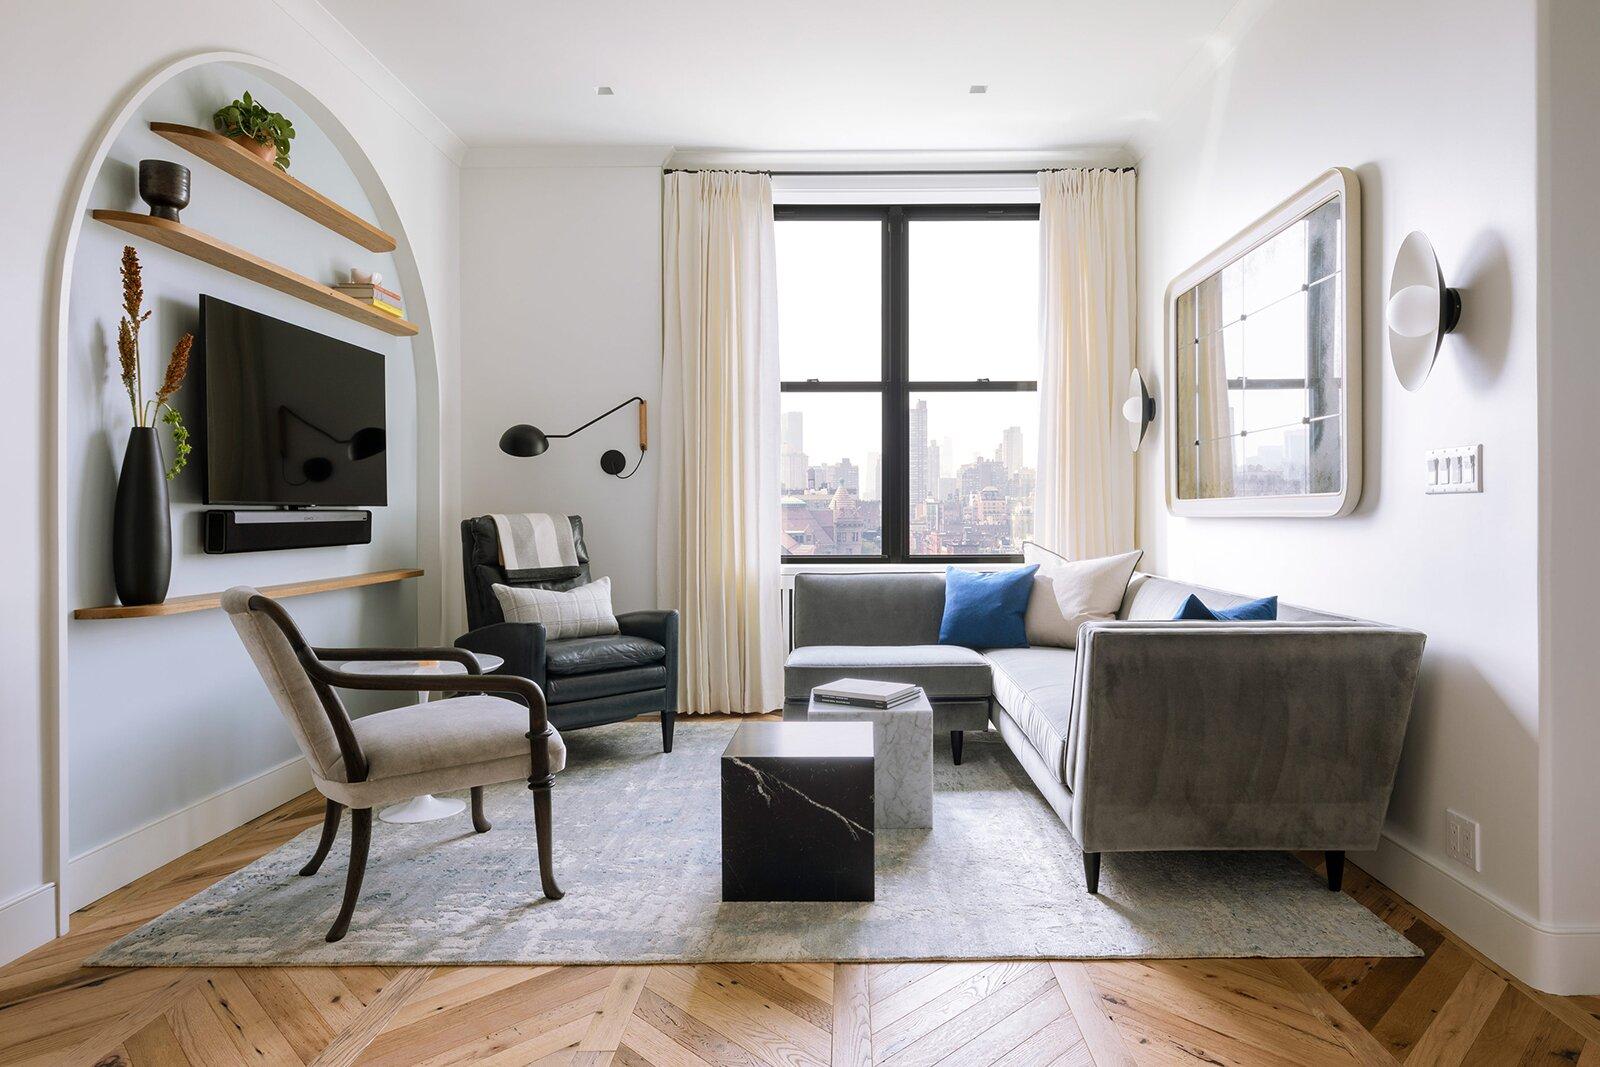 Durodeco Upper West Side Studio living room